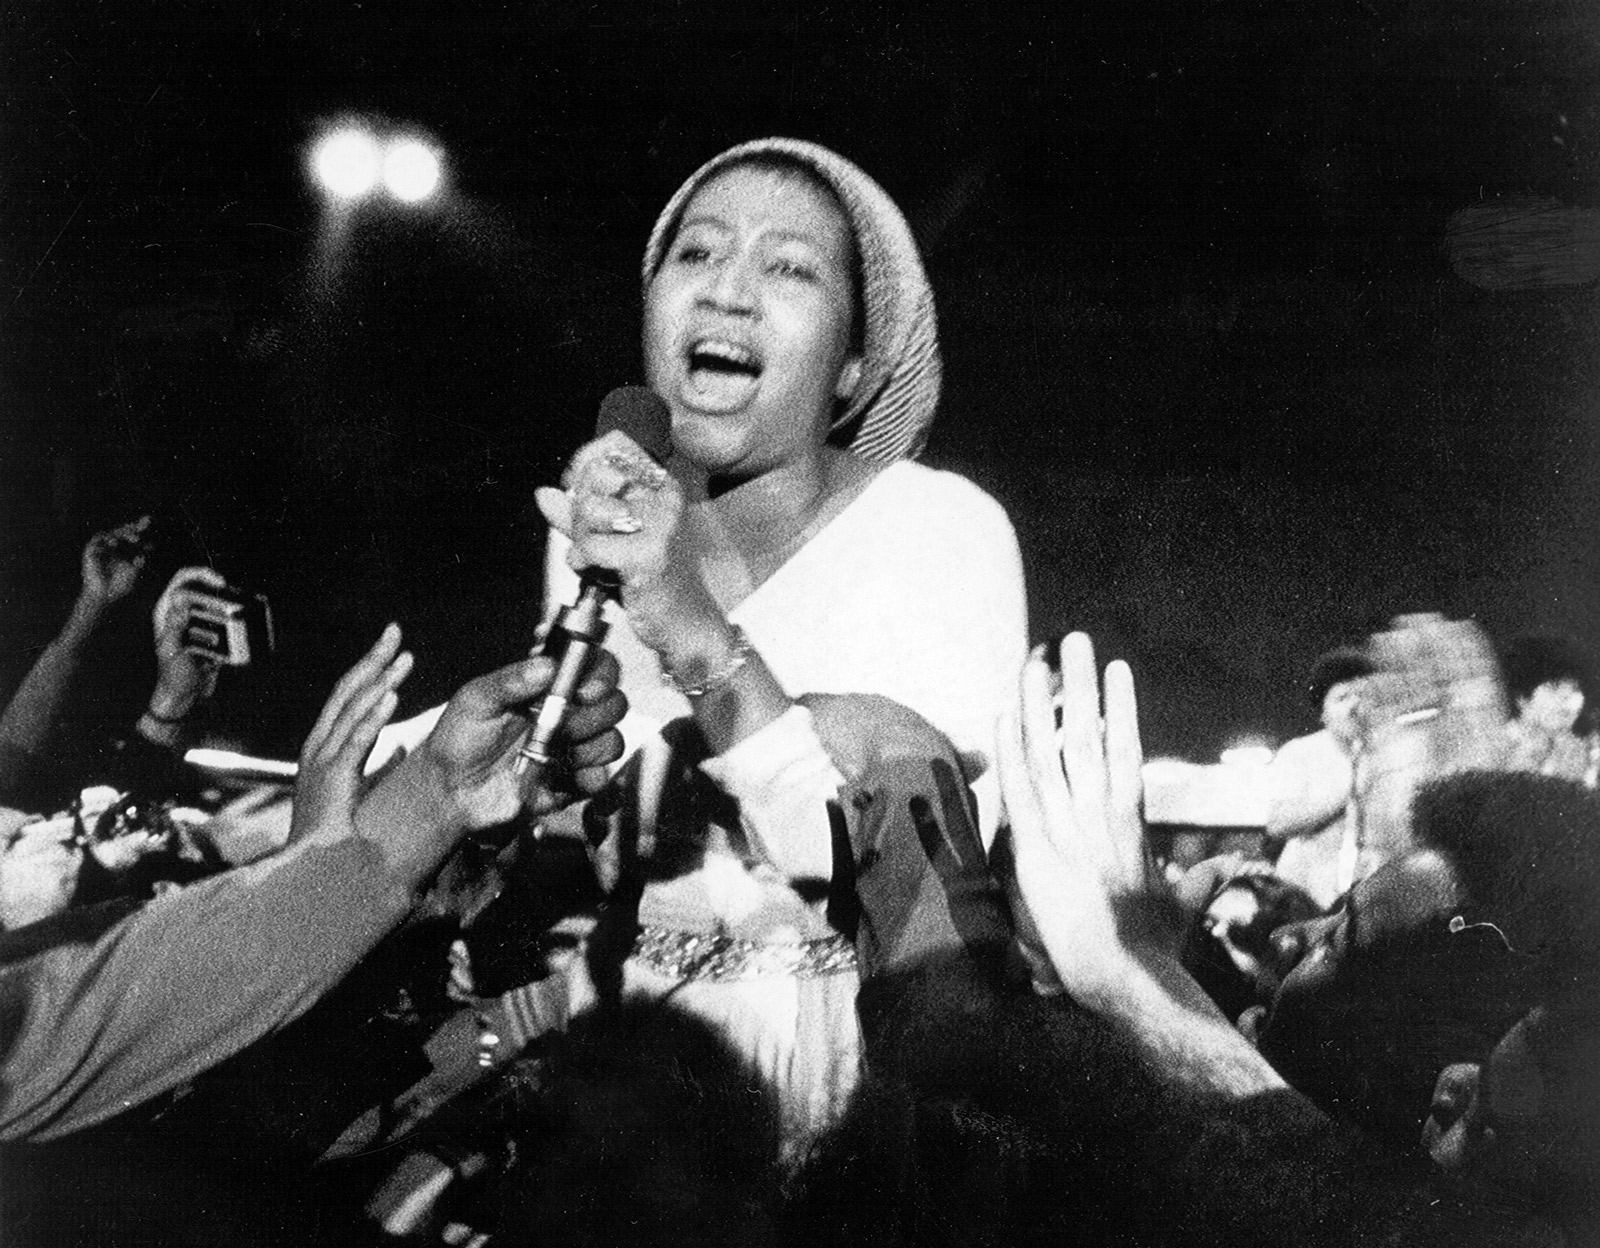 Aretha Franklin, circa 1971